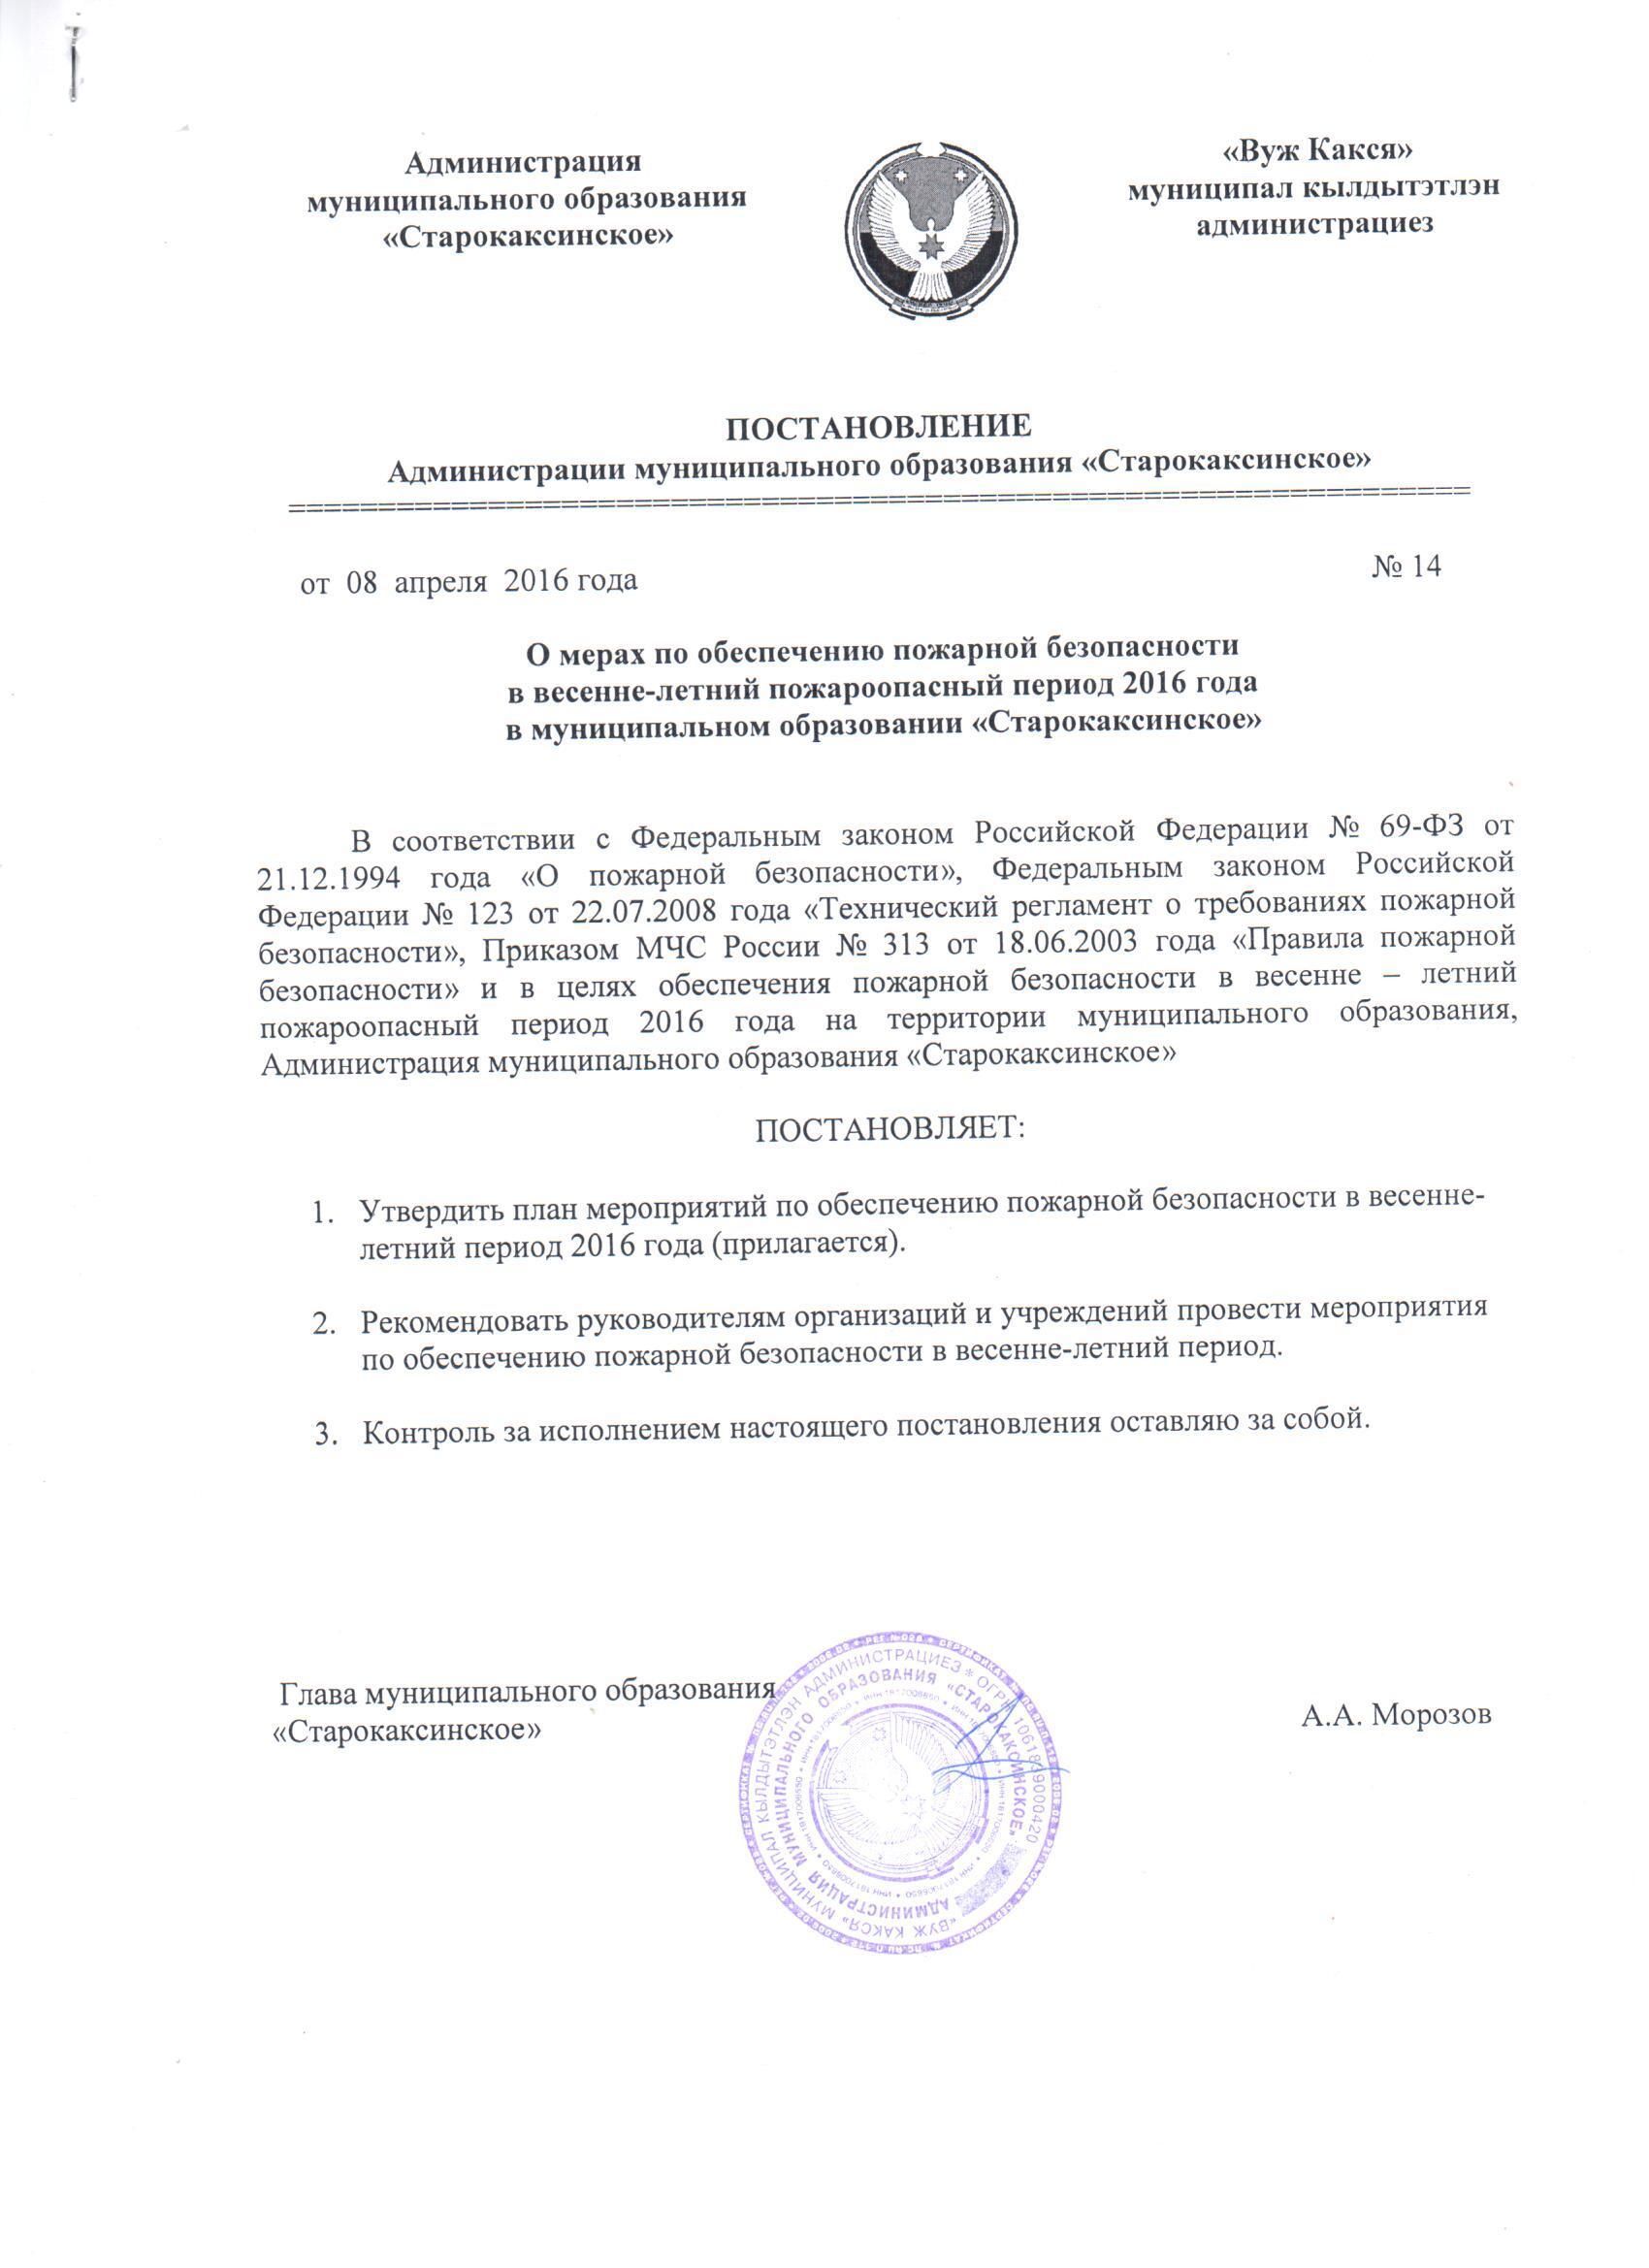 Пособие на погребение умершего пенсионера Минский районМинскНовости